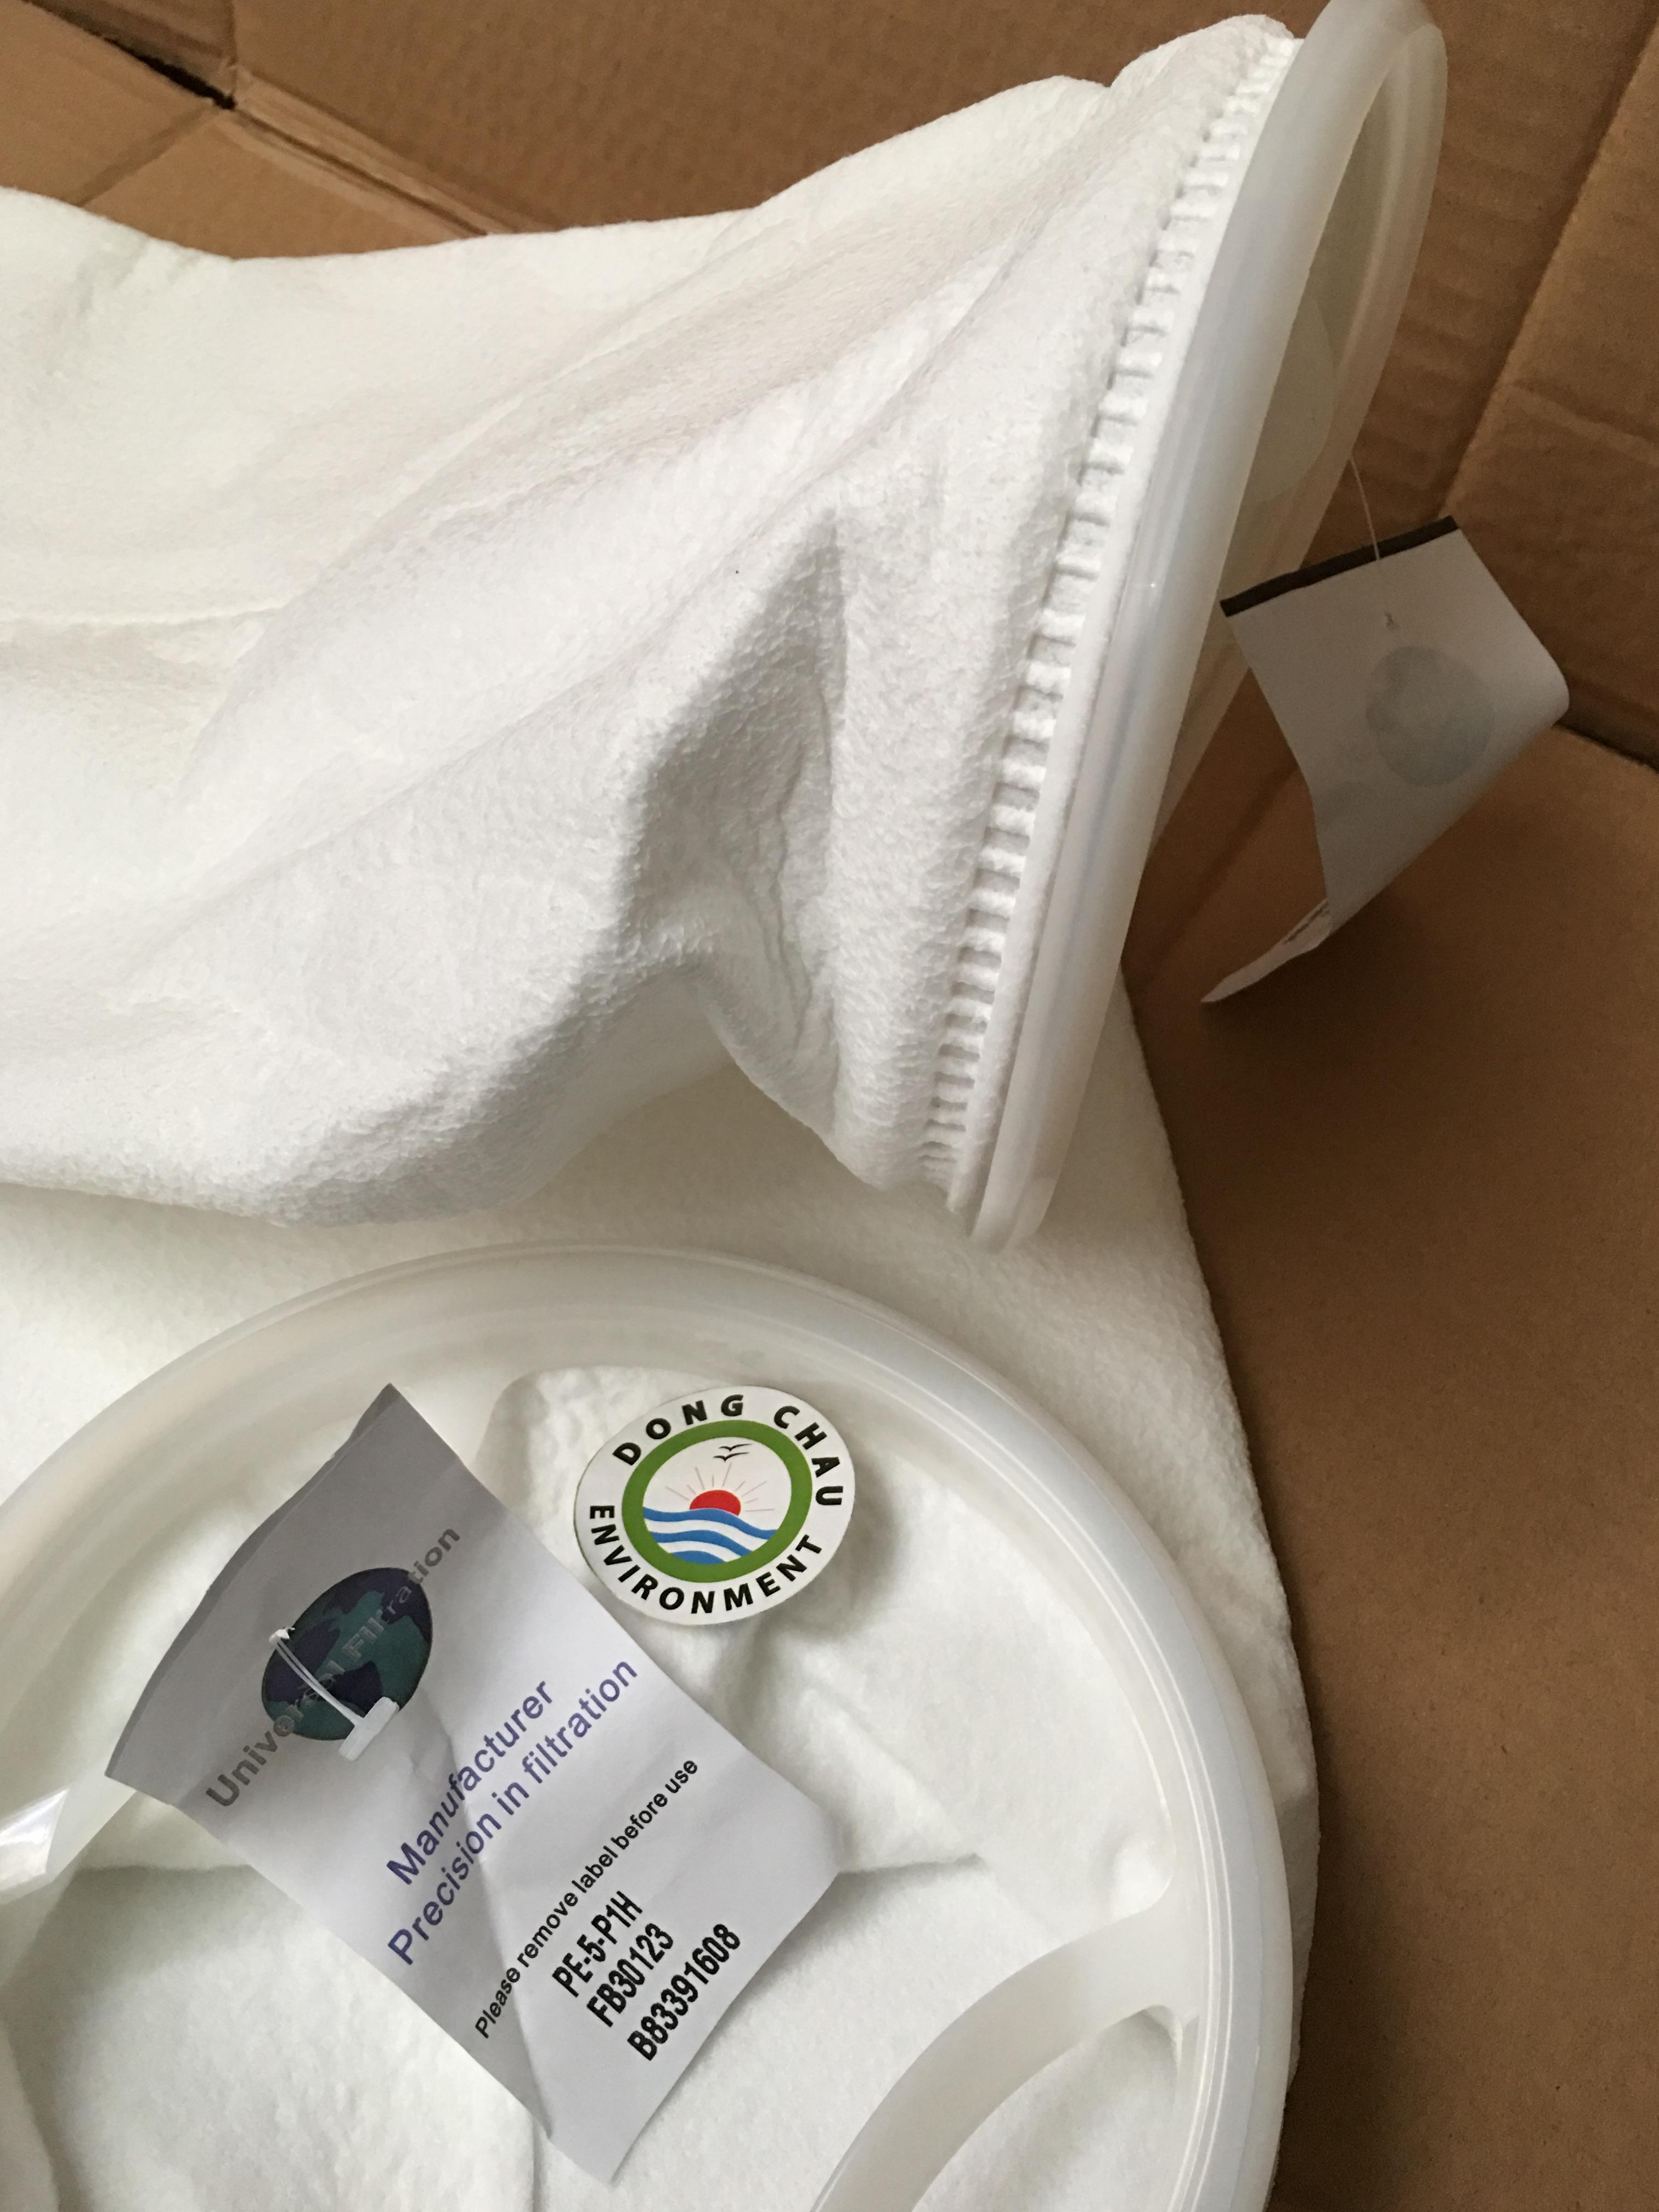 Túi lọc PE 5 micron size 1 vòng miệng ép nhựa khi hàn có thể đạt được hiệu quả chống thấm nước.